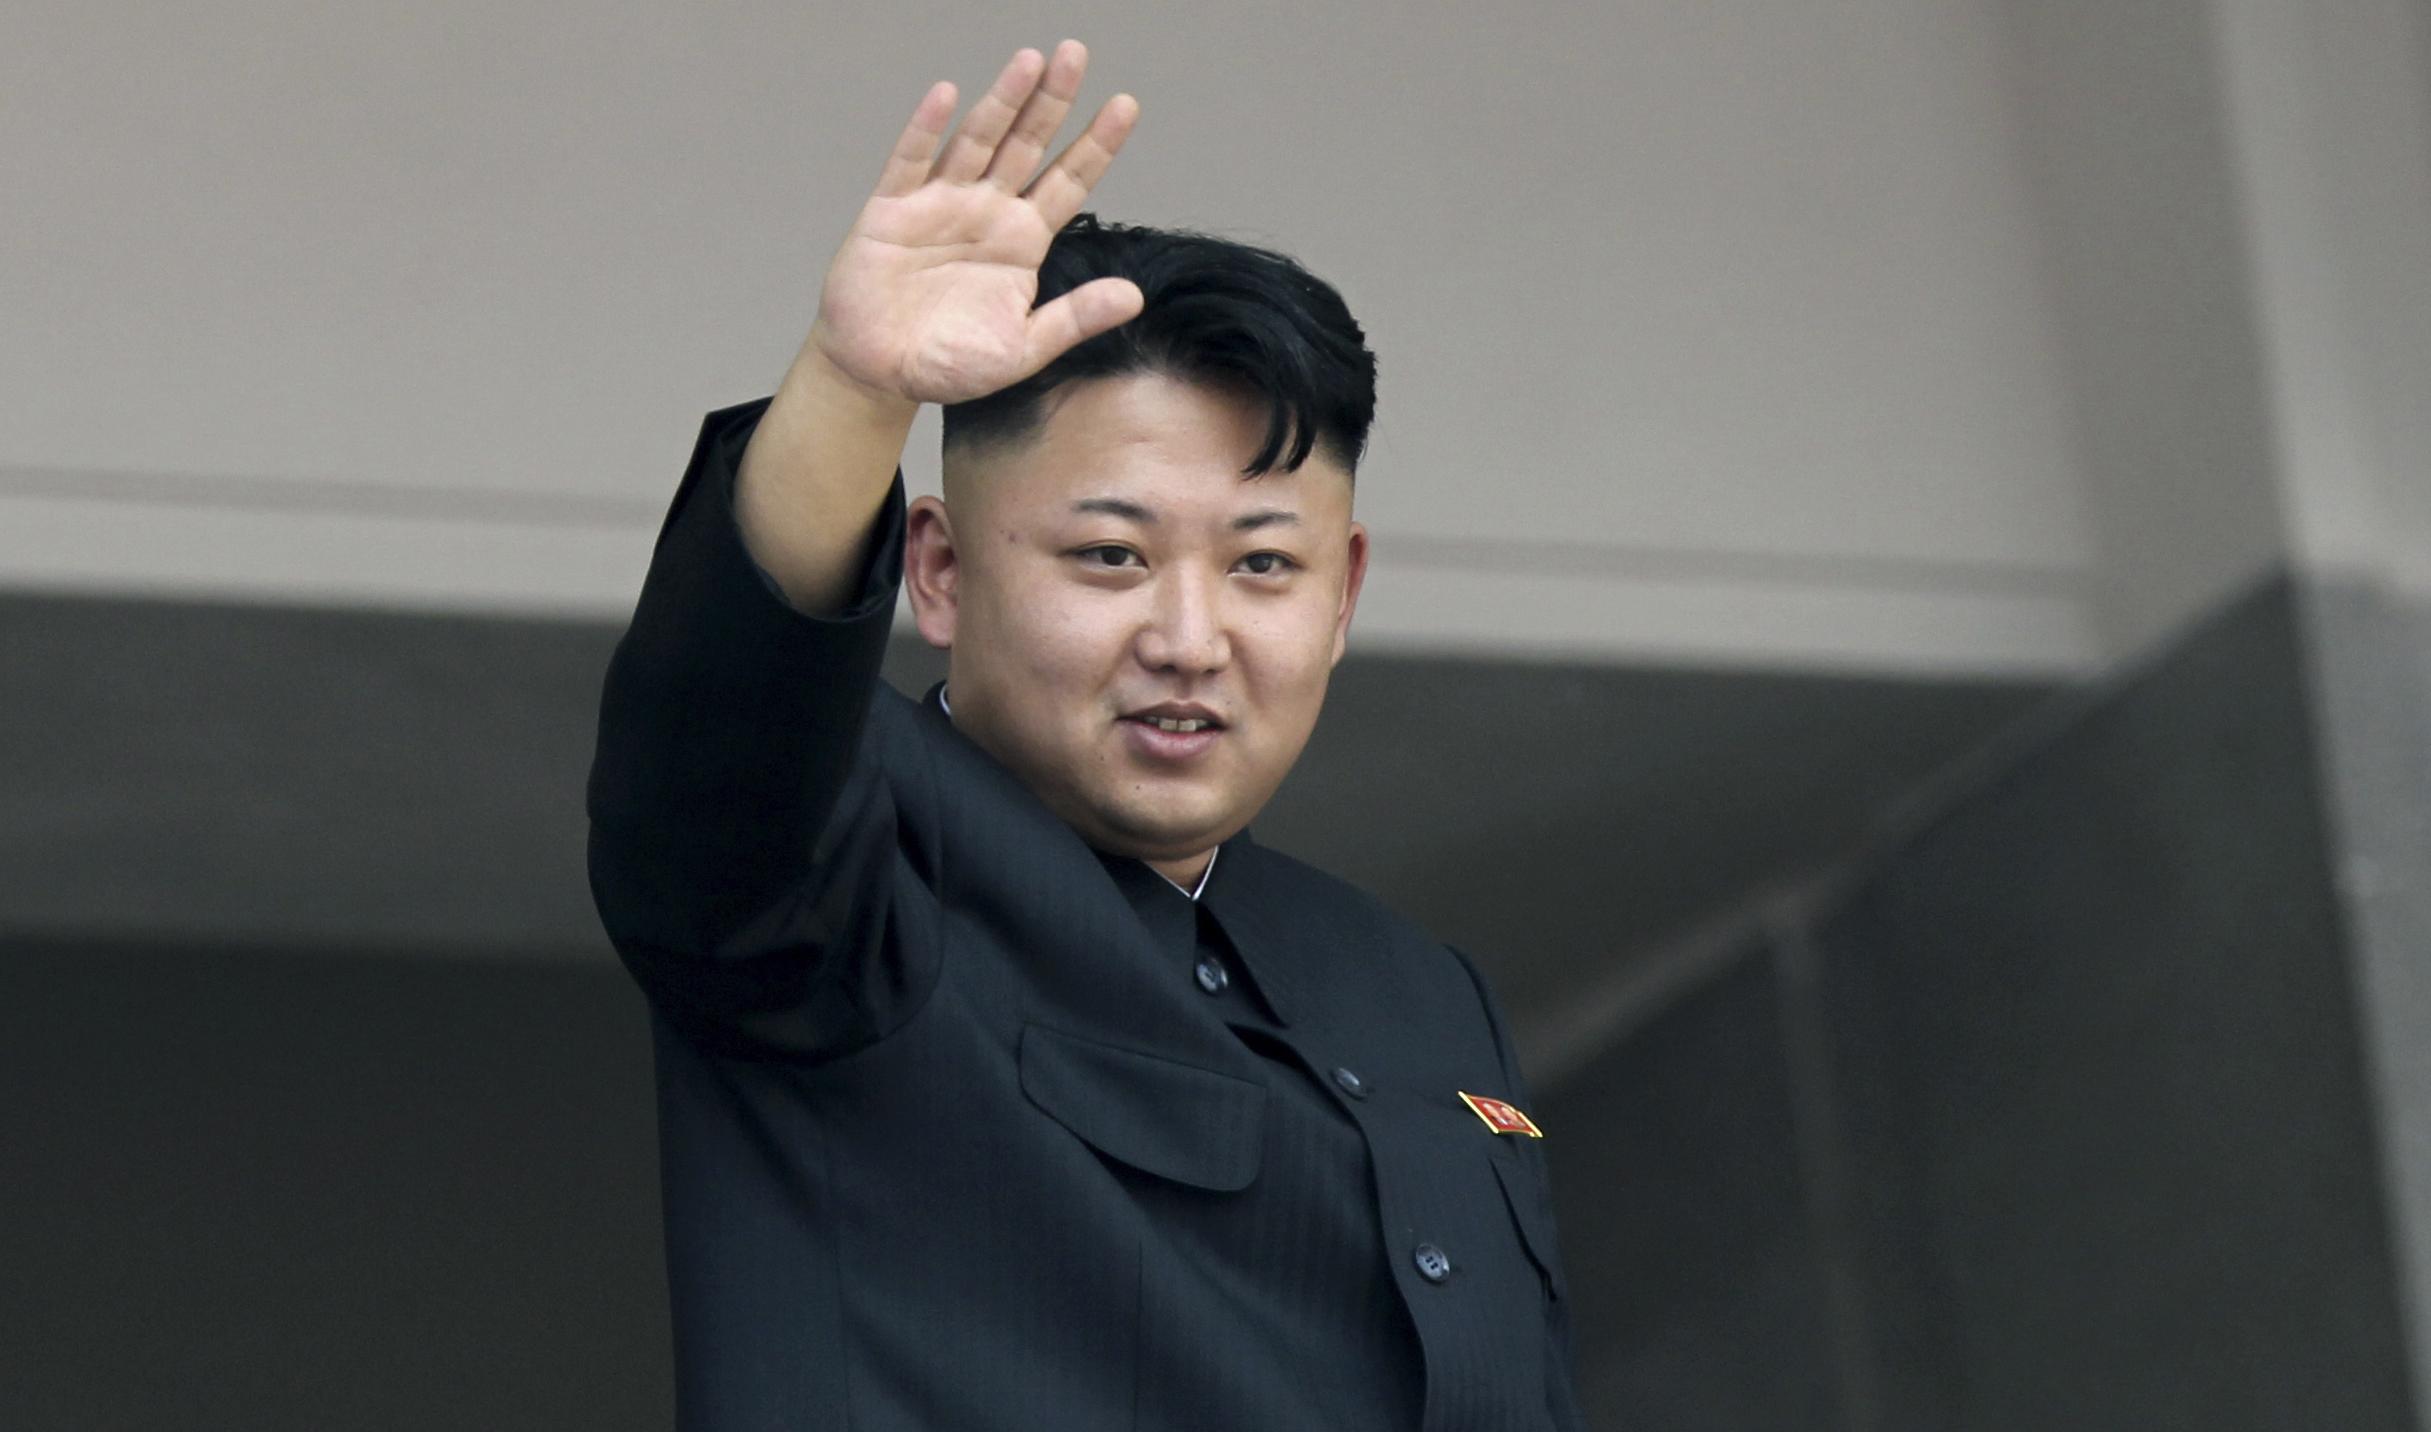 koreakrigen, nordkorea, sydkorea, japan, usa, amerika, kim jung-un, kim jung-il, kim il sung, donald trump, politik, diplomati, missiler, missiltest, testaffyring, atomprogram, atomvåben, konflik, sanktioner, diplomati, propaganda, japan, fn, ballistiske missiler, krig, dødsald, døde, sårede, sovjetunionen, 2. verdenskrig, cubakrisen, berlin, 38th parallel, nordkorea, missiler, missiltest, missil, ballistisk missil, kim jong-un, krise, sydkorea, kina, japan, fn, sanktioner, advarsler,